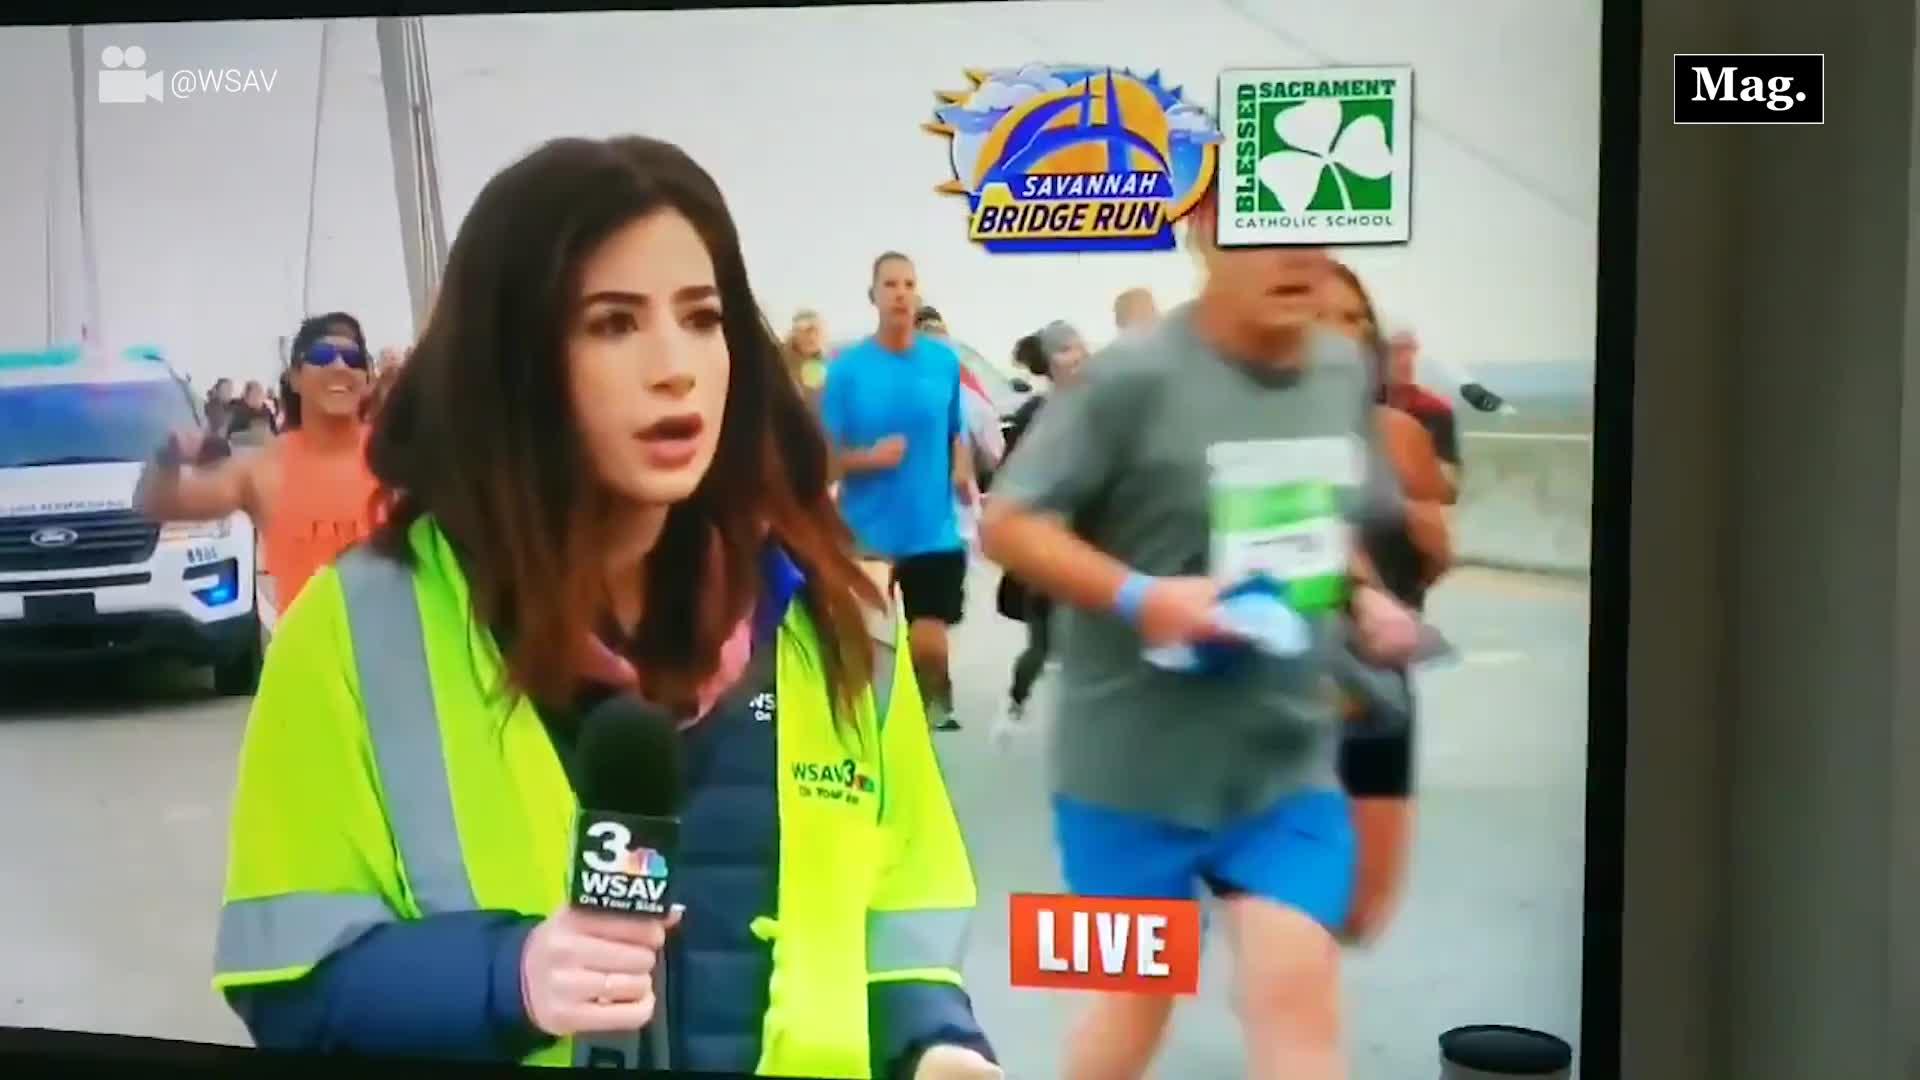 Maratonista que acosó sexualmente a reportera durante una transmisión en vivo ha sido arrestado